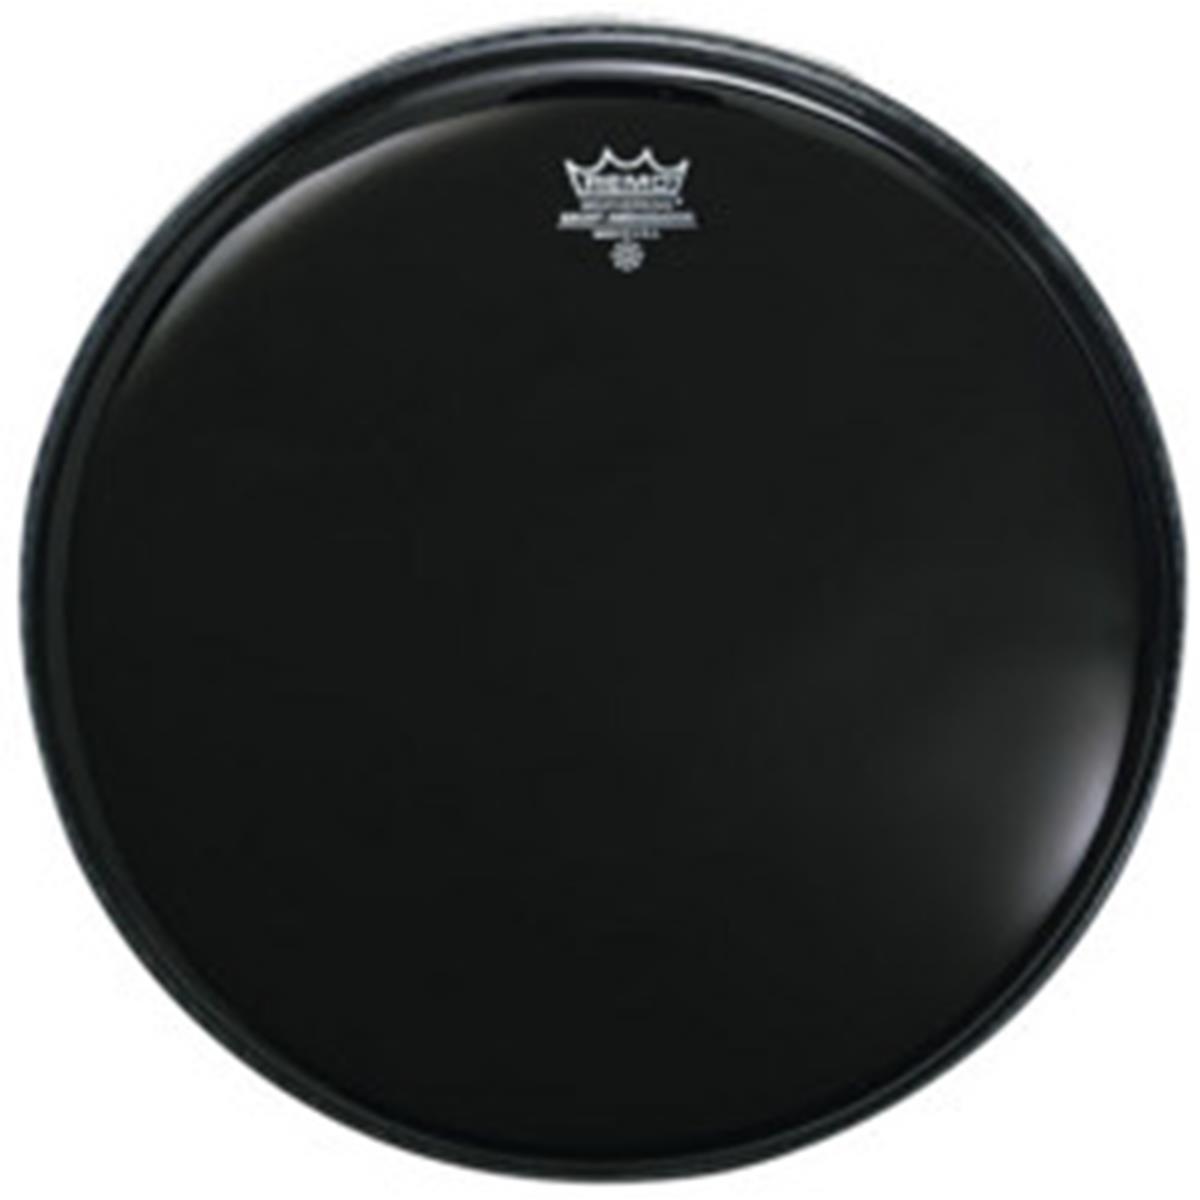 REMO AMBASSADOR NERA 20 PER CASSA - Batterie / Percussioni Accessori - Pelli e Cerchi